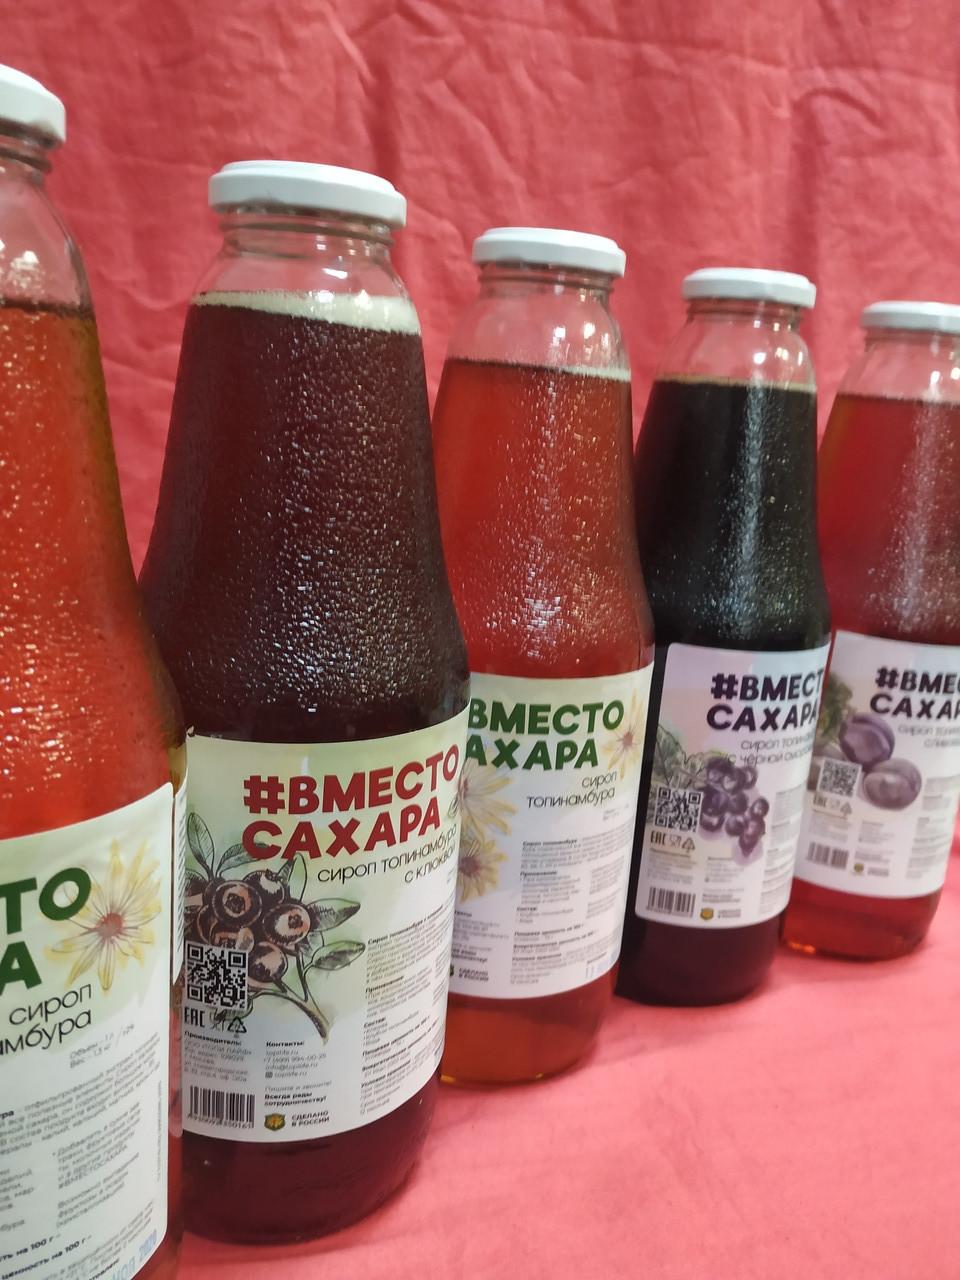 Сироп топінамбура 5 видів - корисні без цукру, Росія, 1300 г